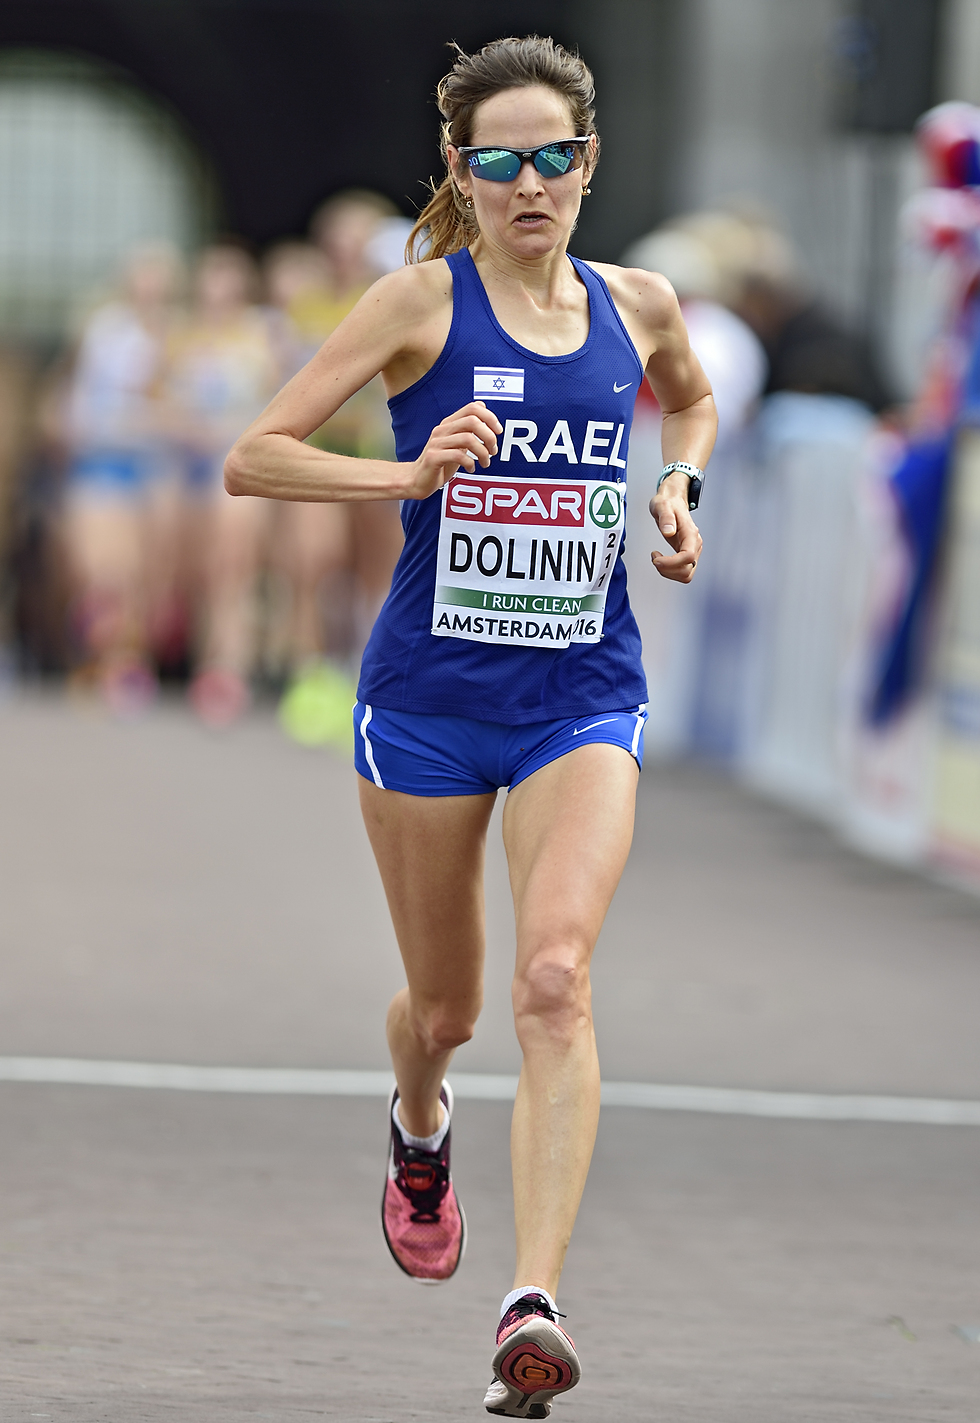 תרוץ באליפות העולם. ילנה דולינין (צילום: : טיבור יגר) (צילום: : טיבור יגר)